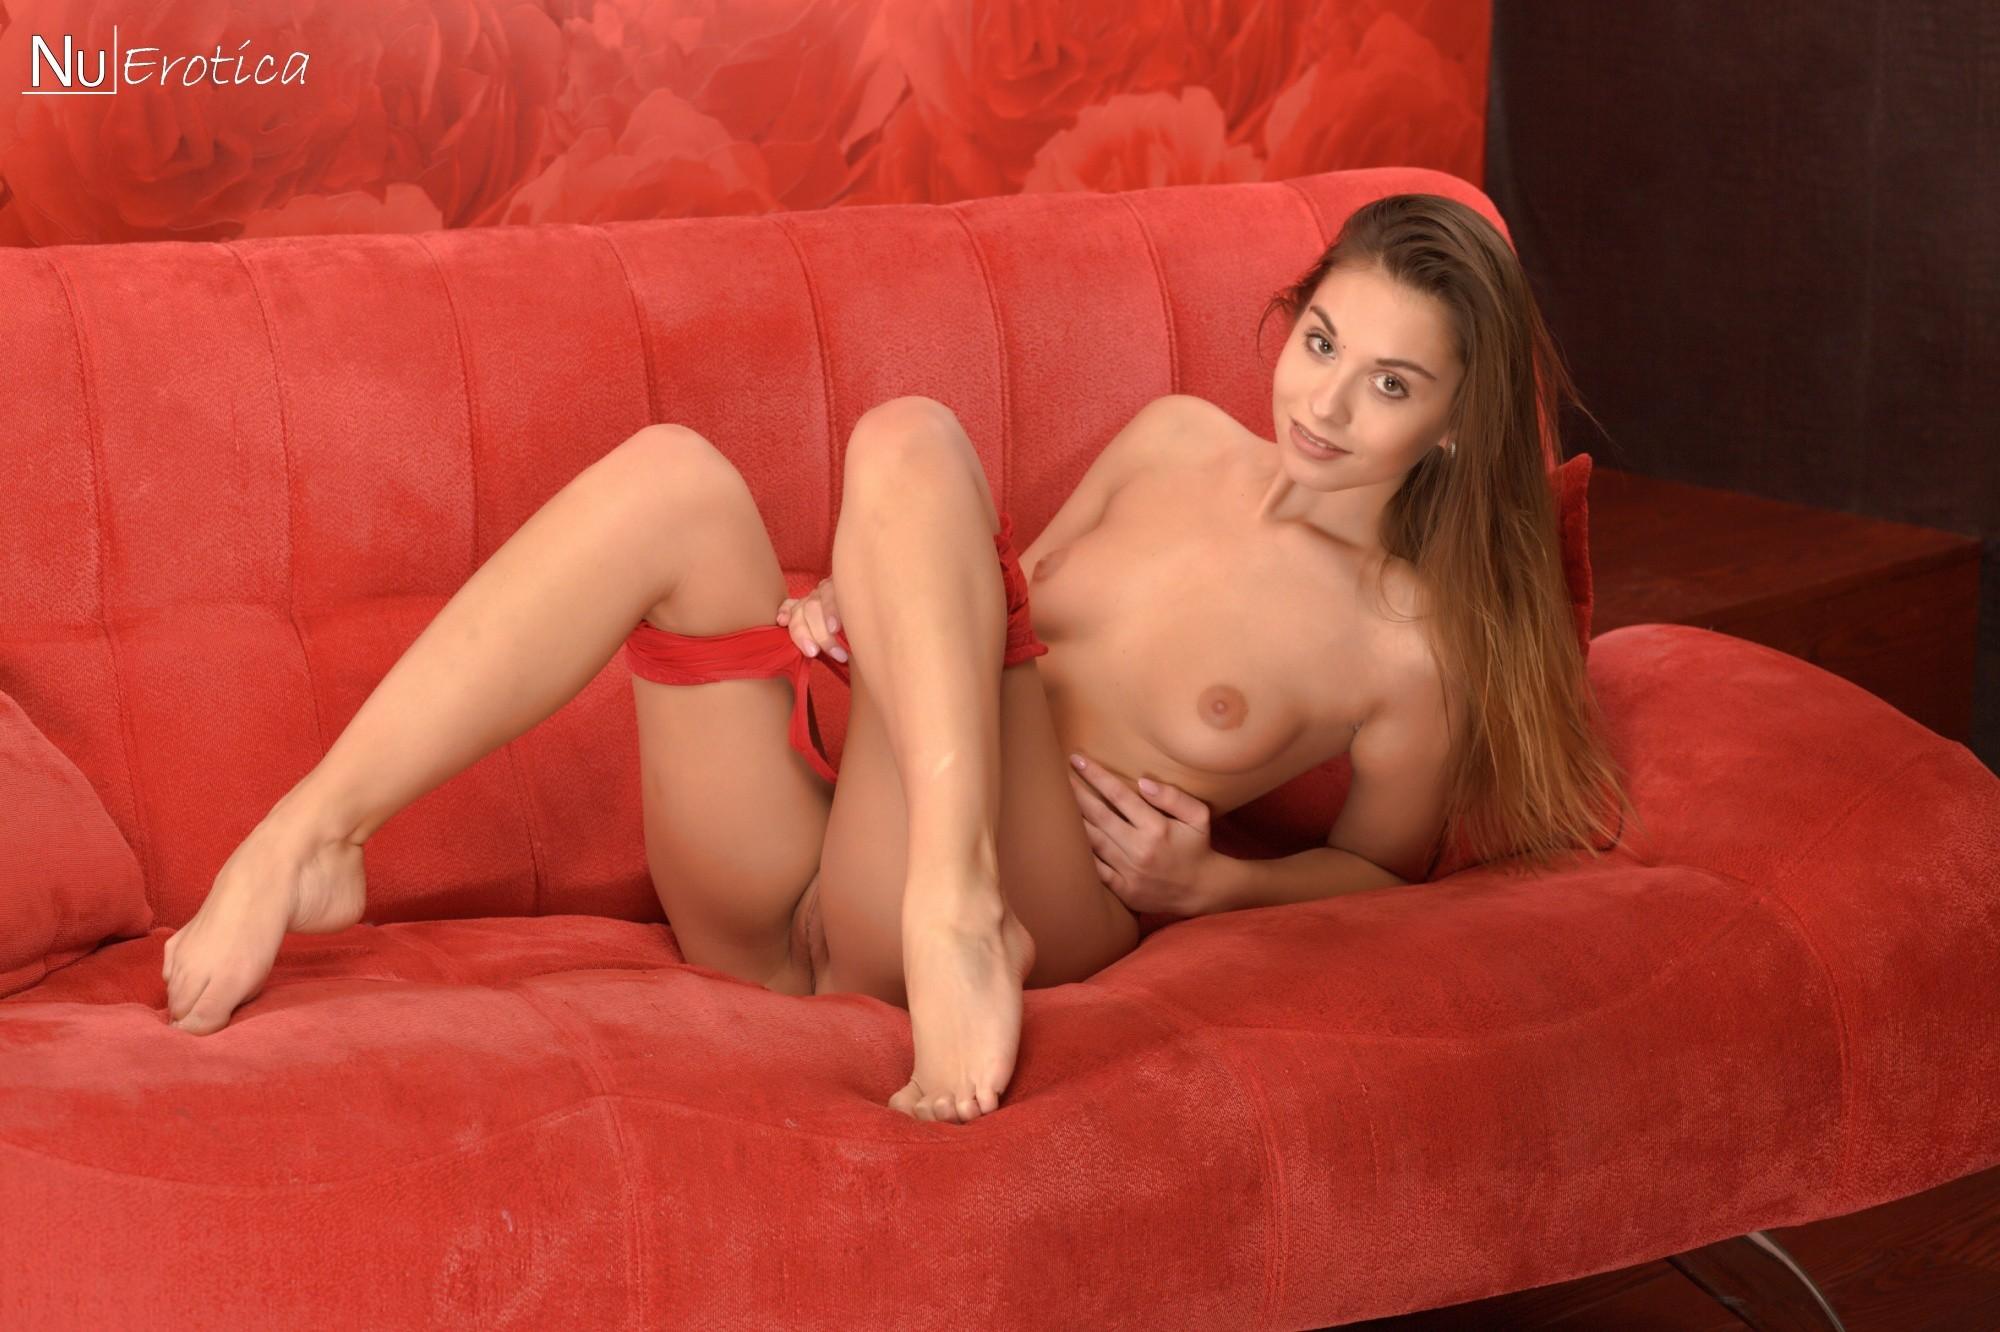 Sabrisse Sexy Strip Show - Nuerotica 83017-5795